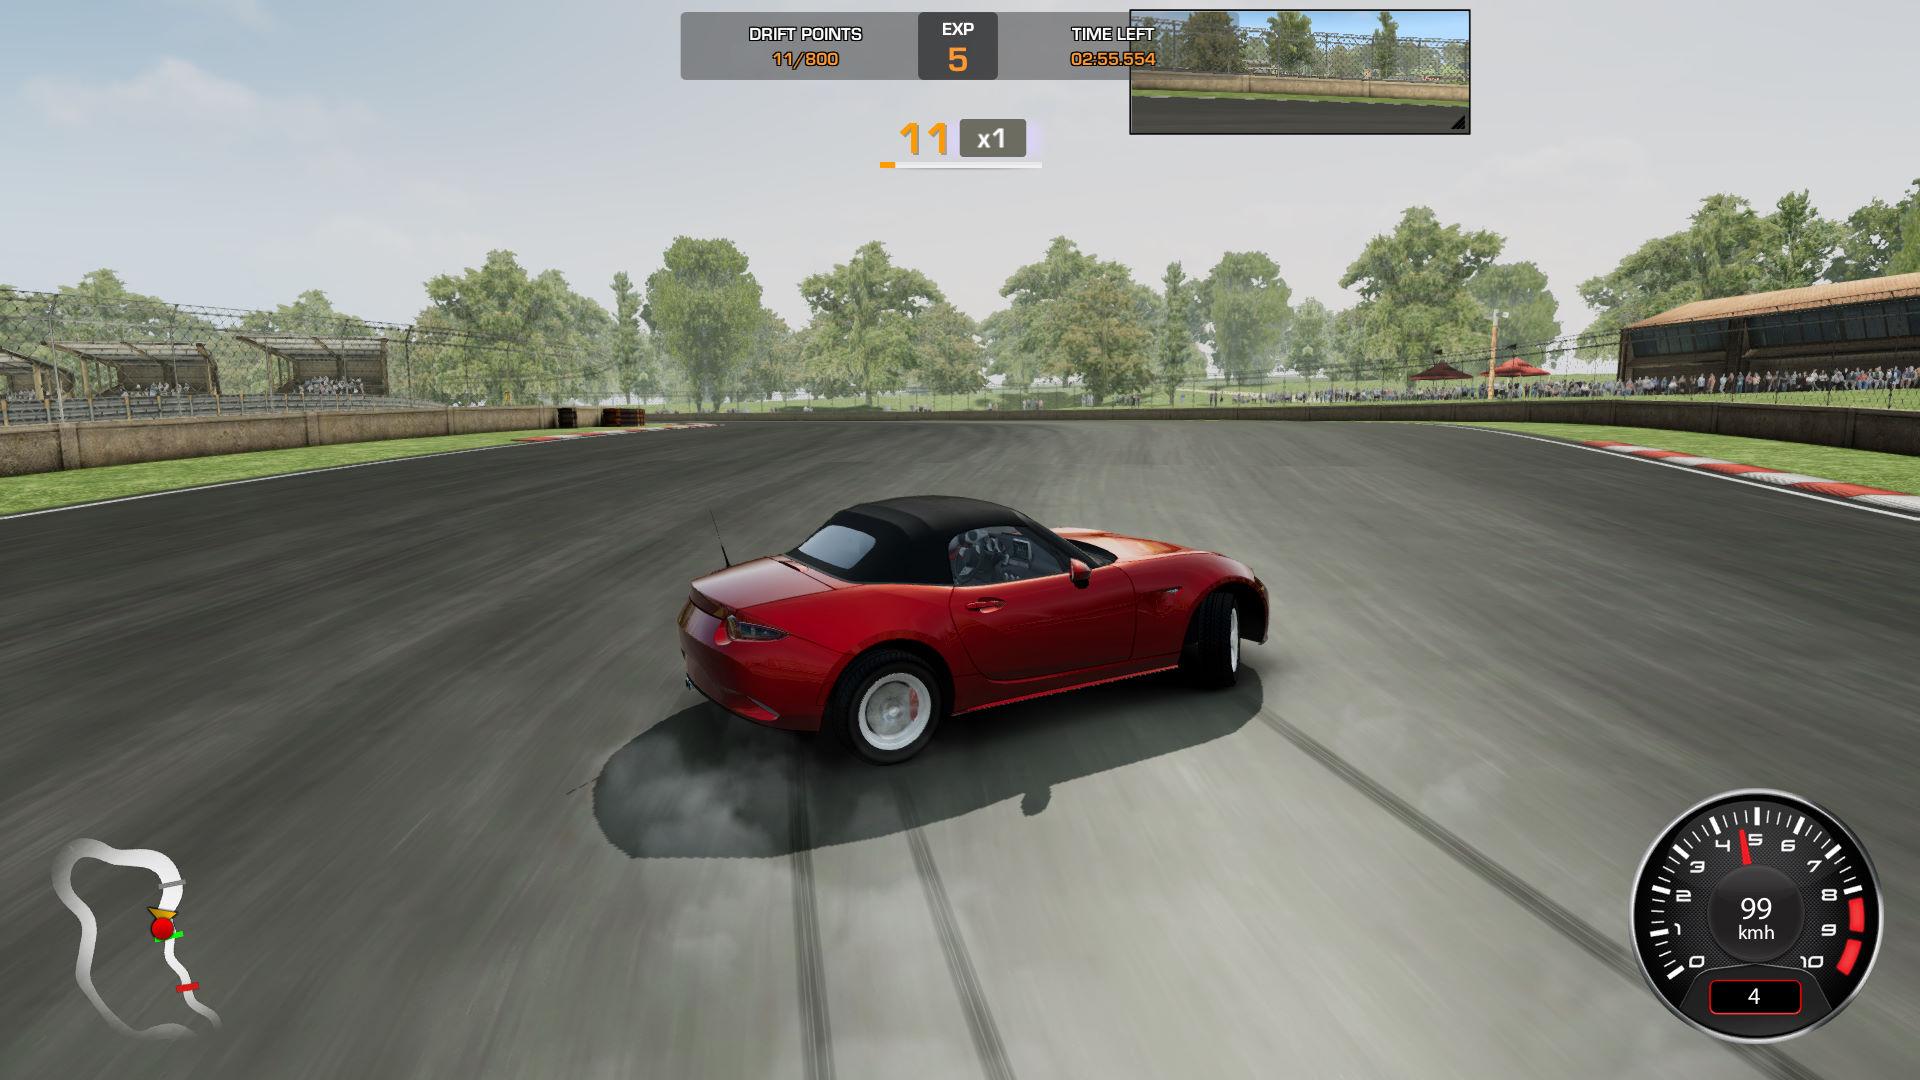 скачать игру carx drift racing на компьютер через торрент